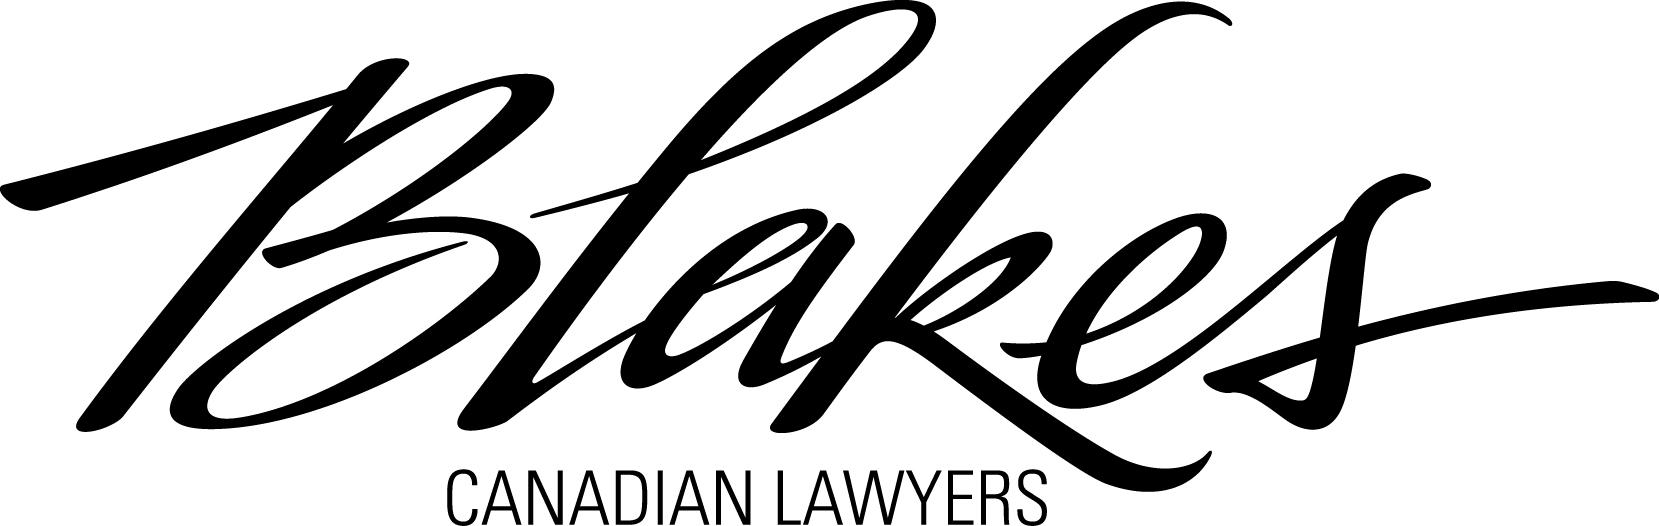 BLA-logo_CanLawyrs